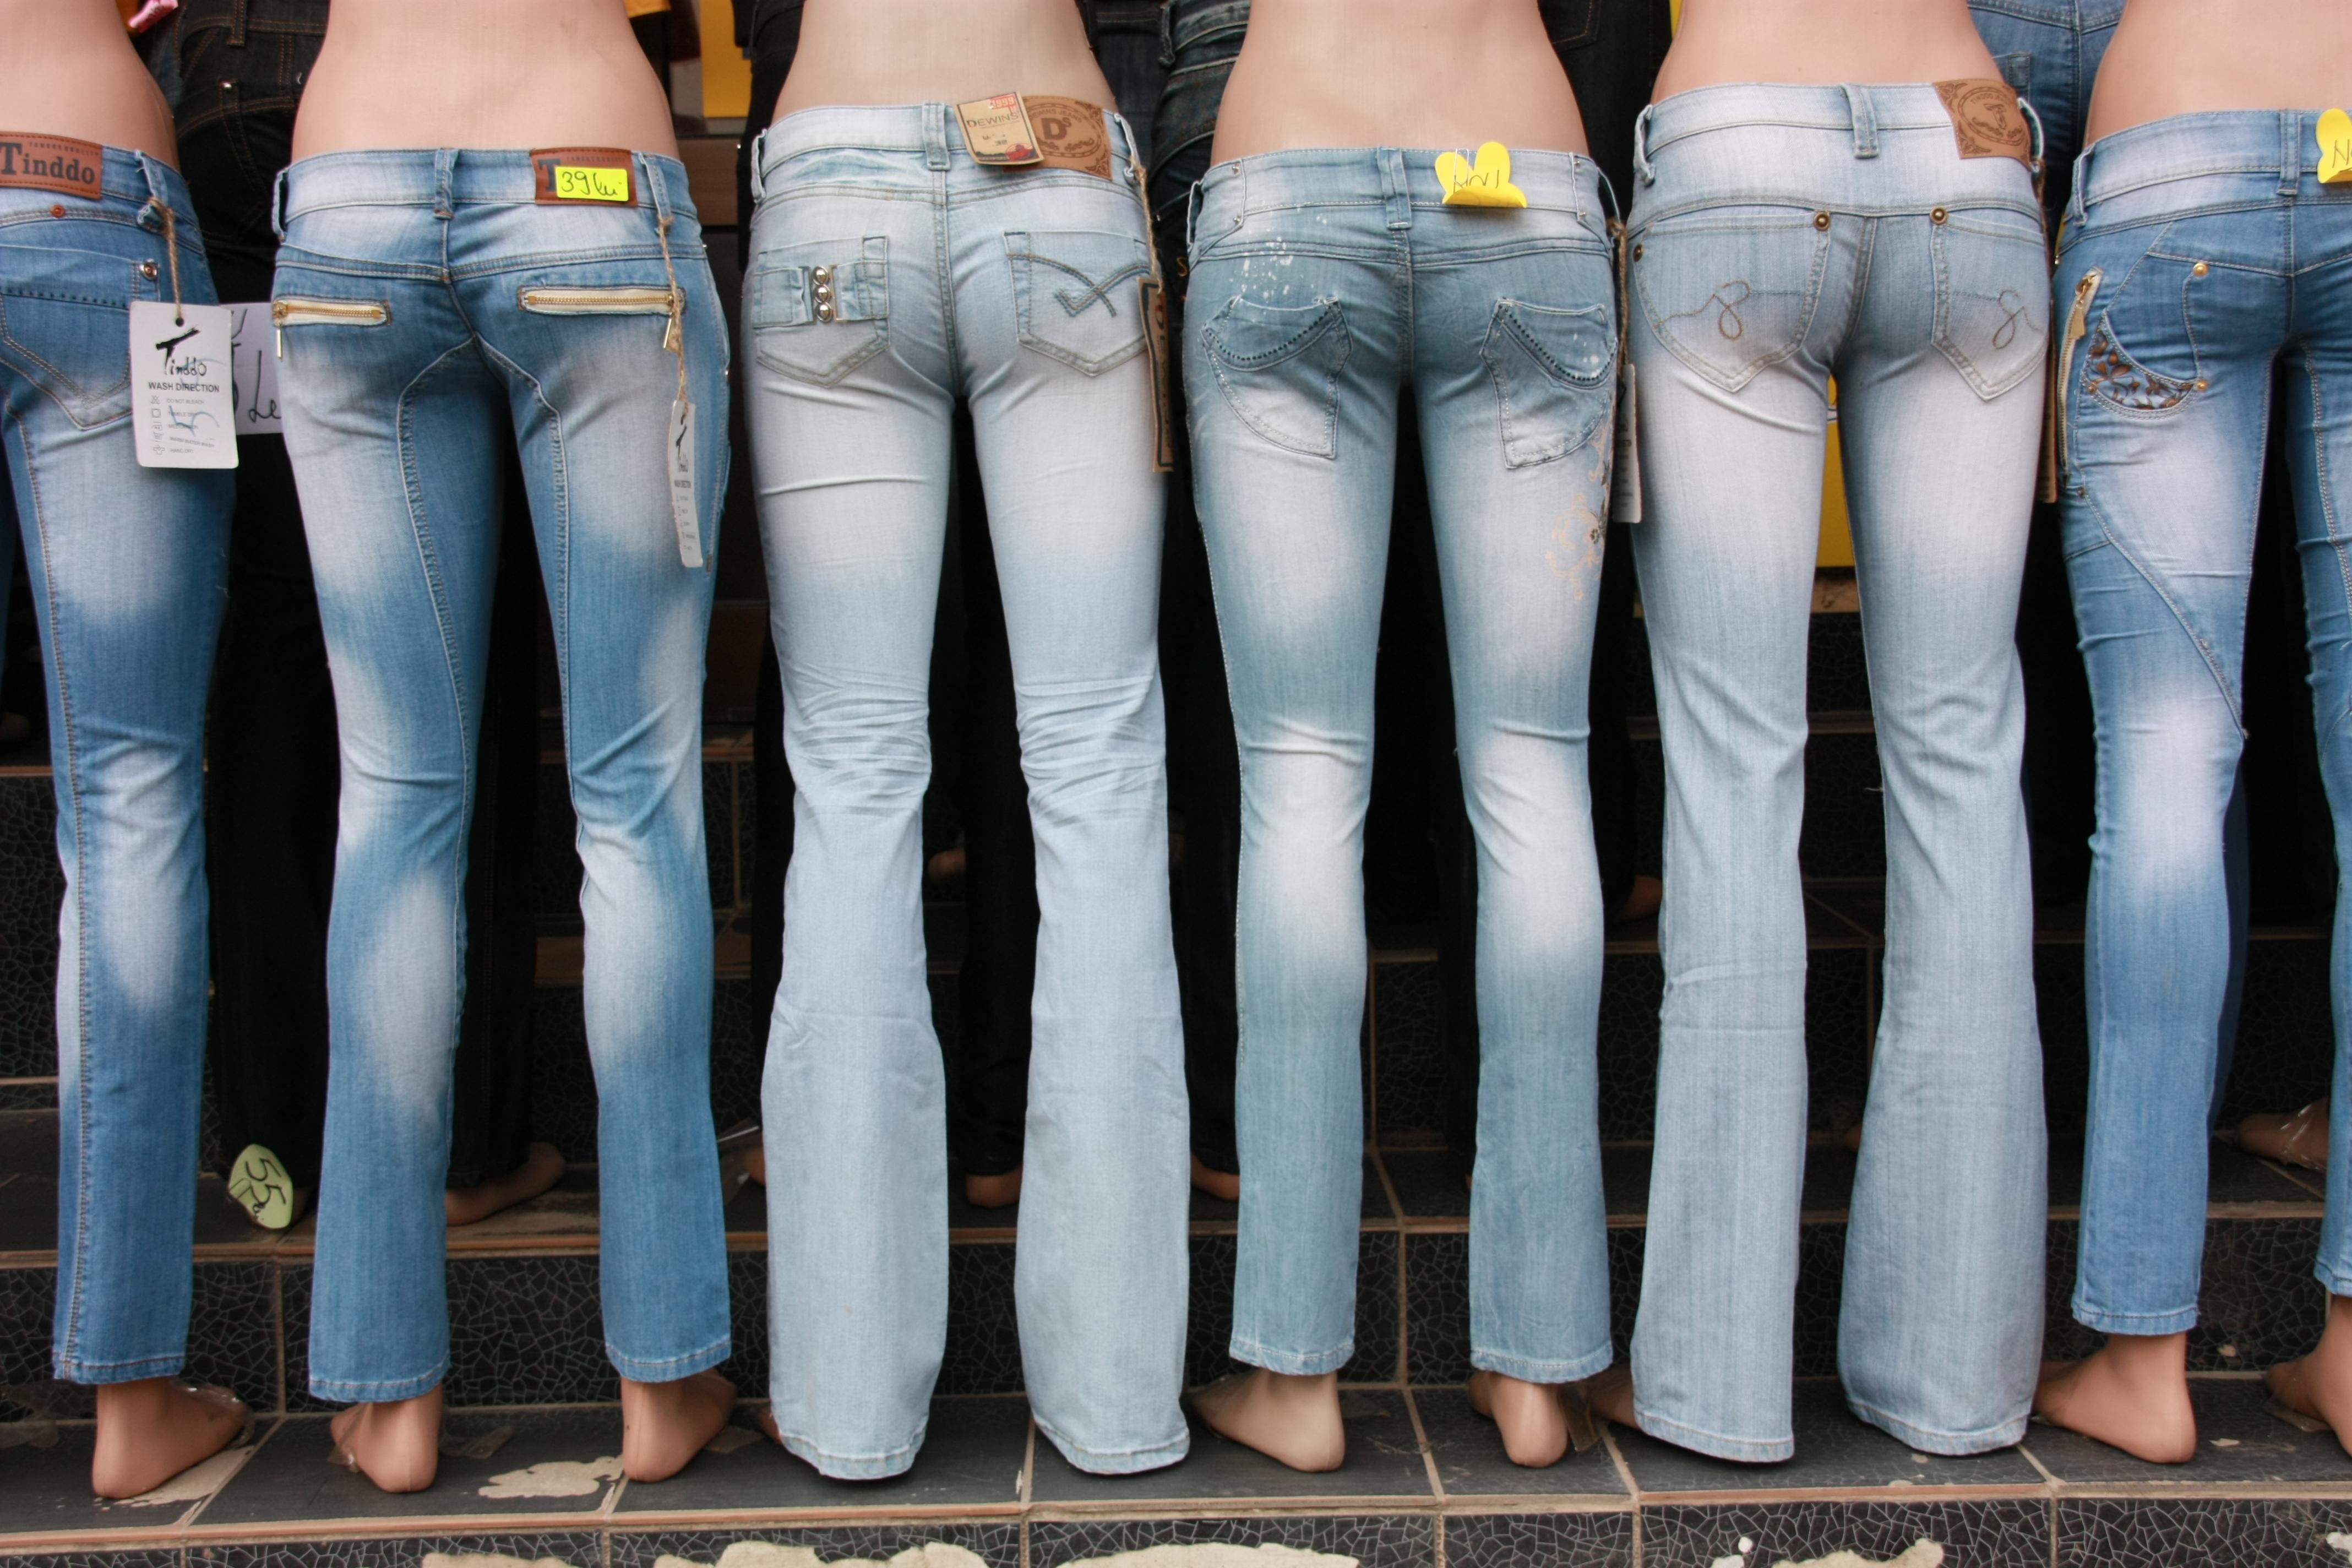 Сбор заказов Распродажа. Турецкие Джинсы R 0 d e 0 (до 60 размера), а так же лосины, брюки, шорты, толстовки, юбки, пиджаки, платья